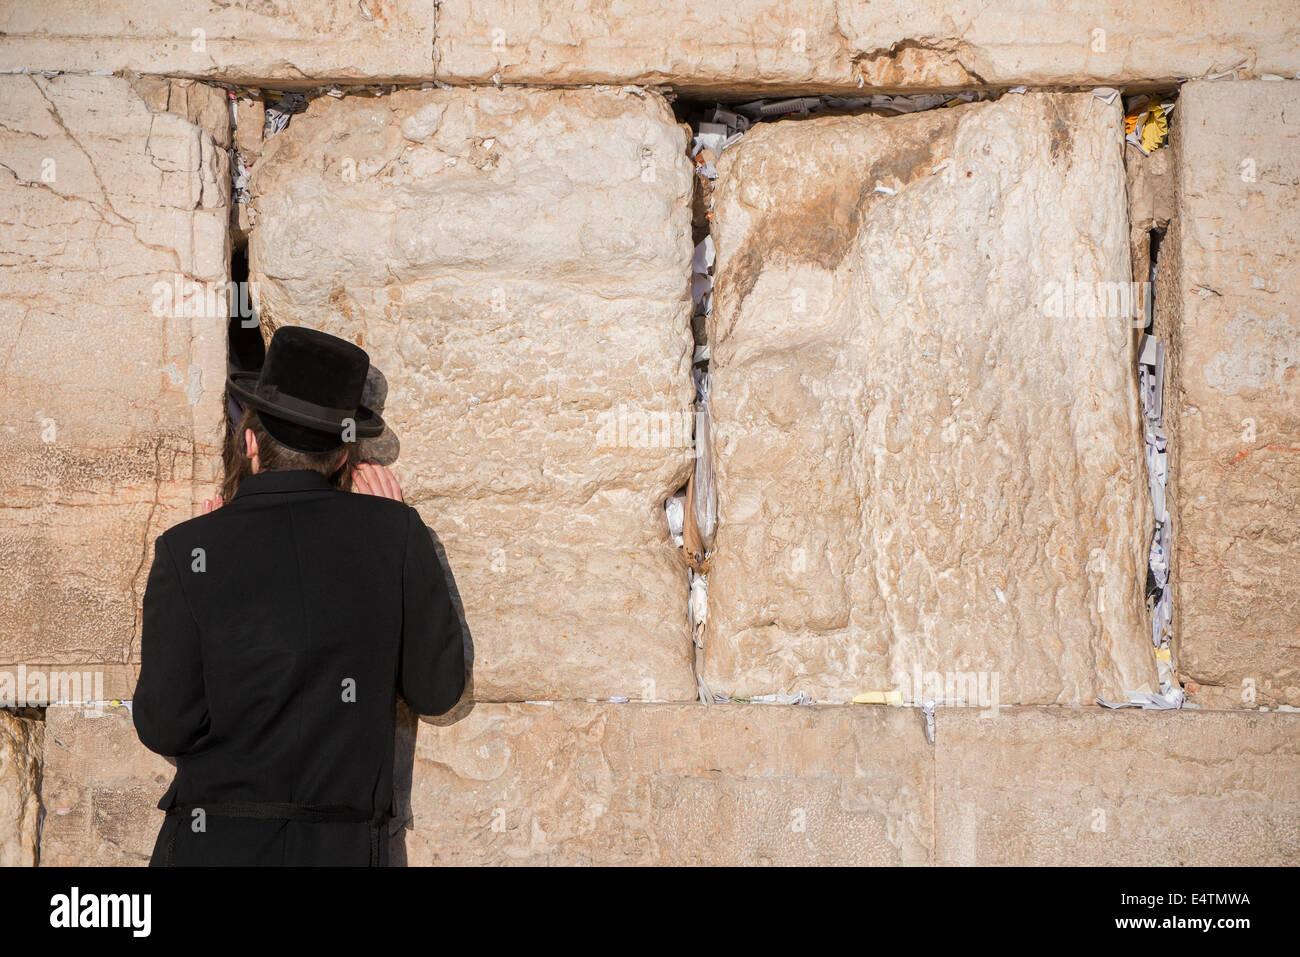 Hombre judío reza junto a una grieta llena de cartas que contenían oraciones escritas en el Muro Occidental Imagen De Stock